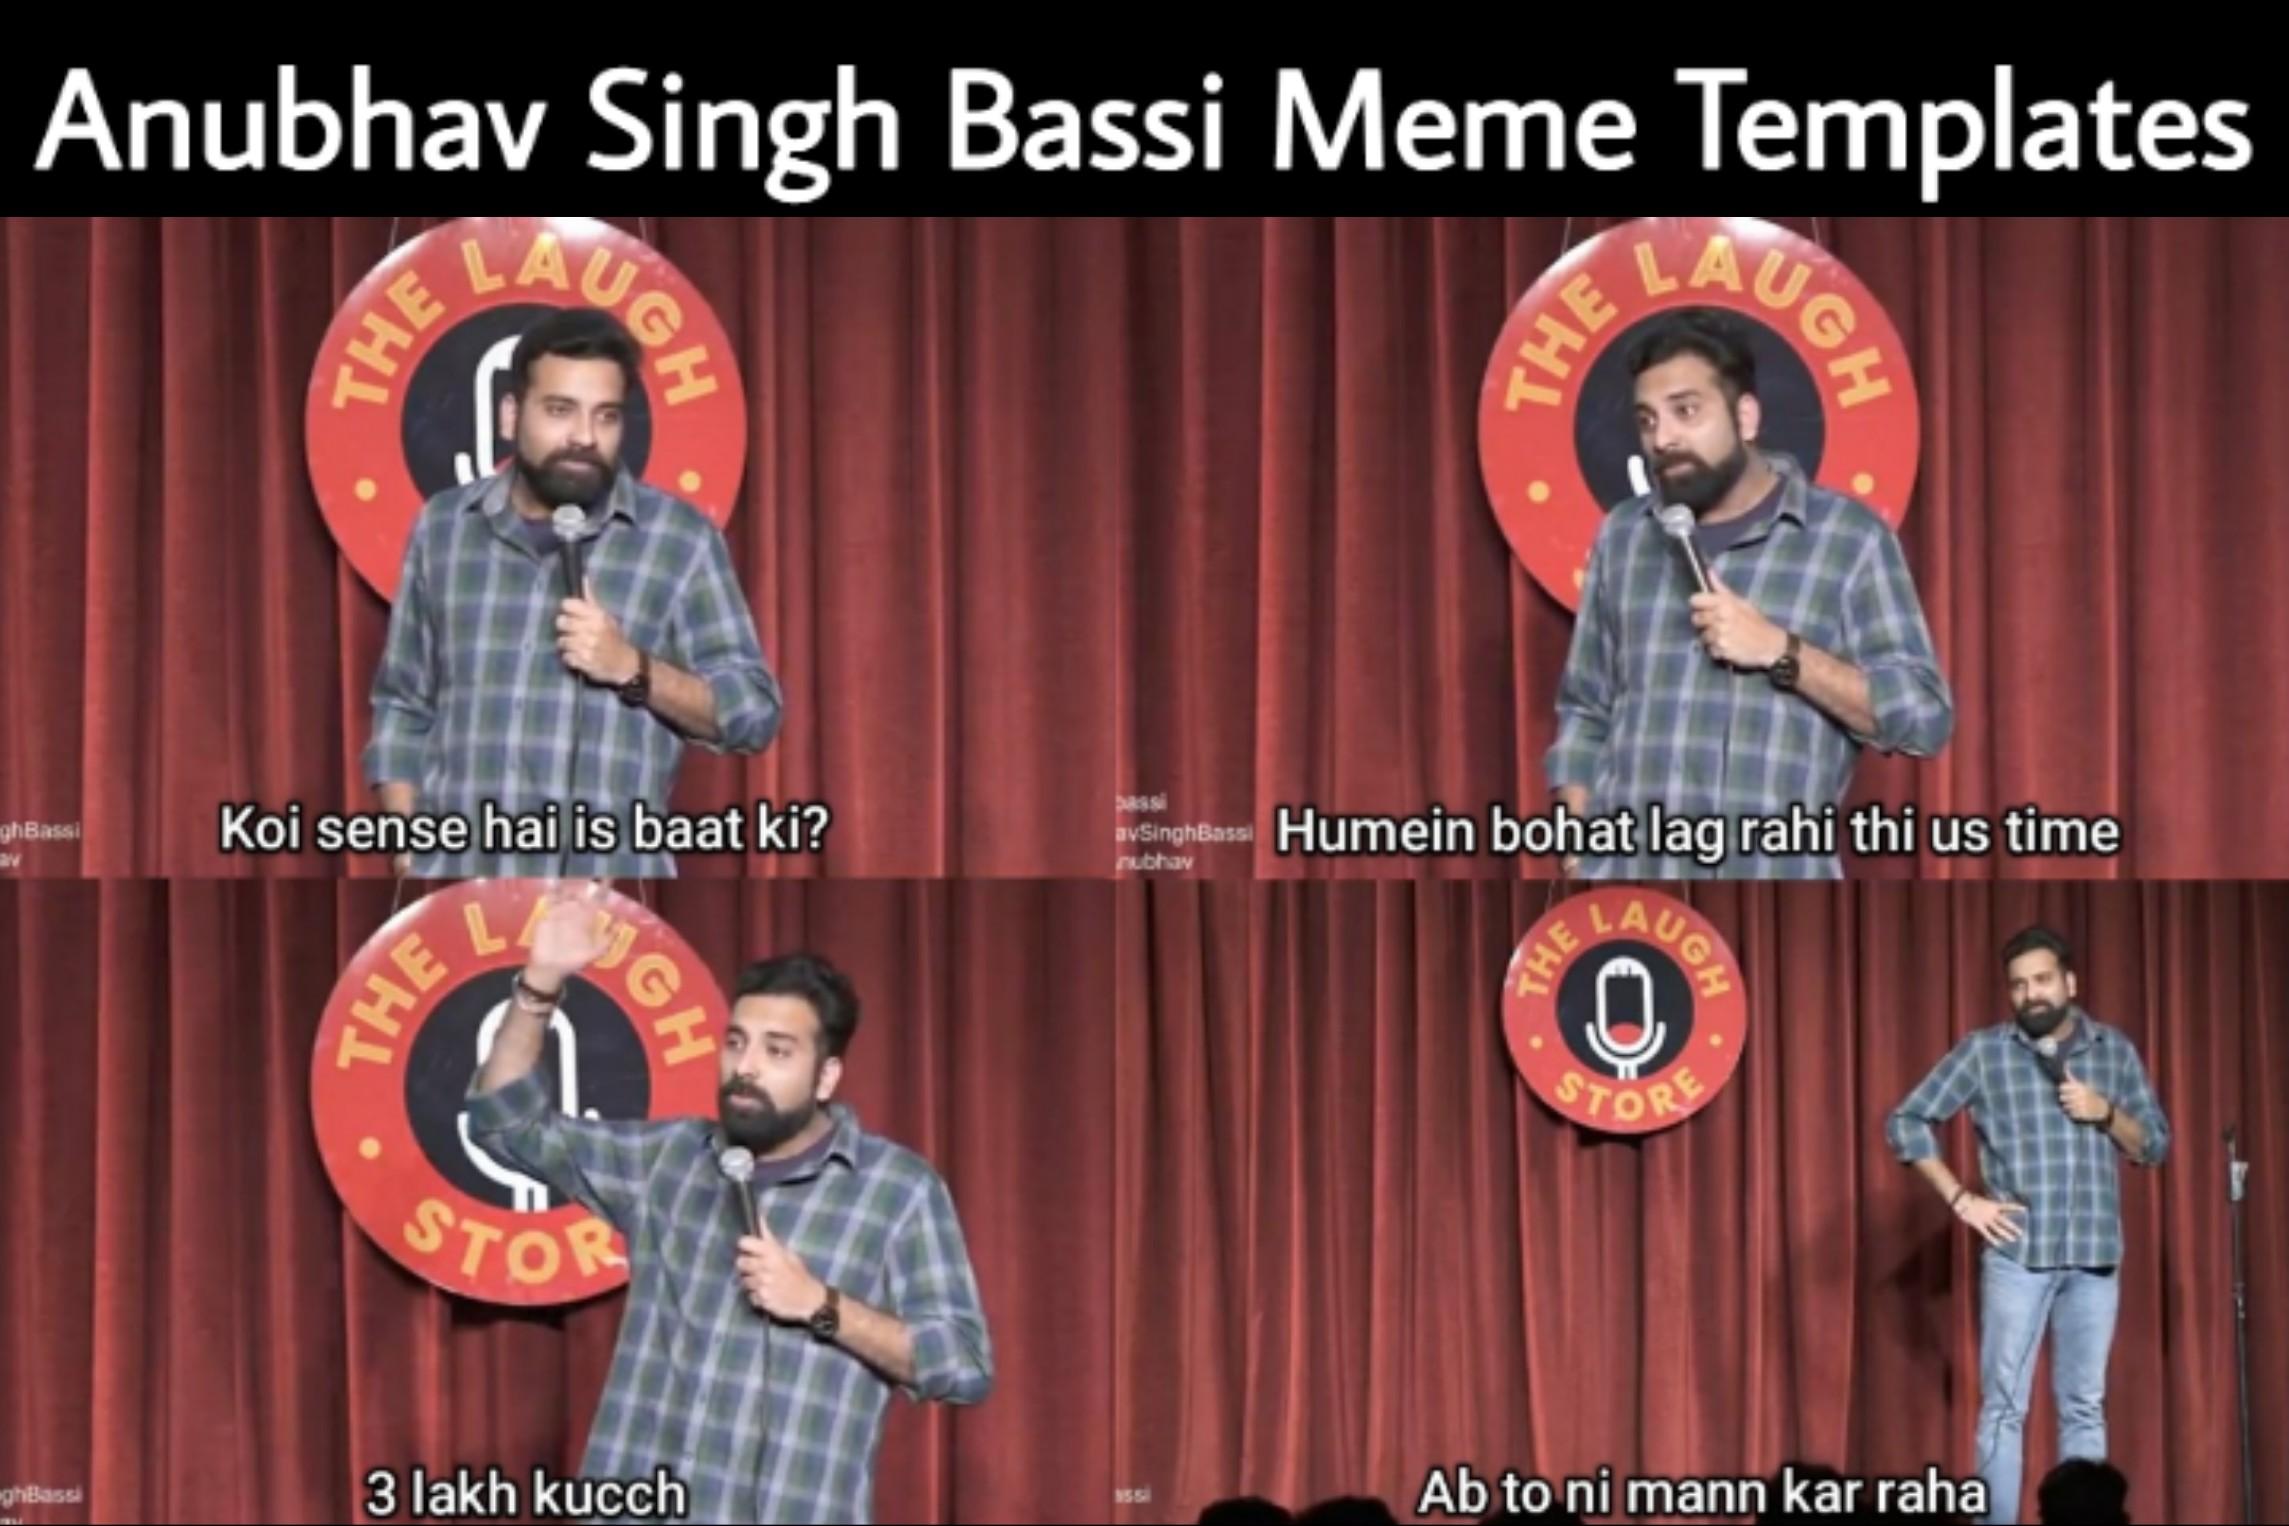 Anubhav Singh Bassi Meme Templates